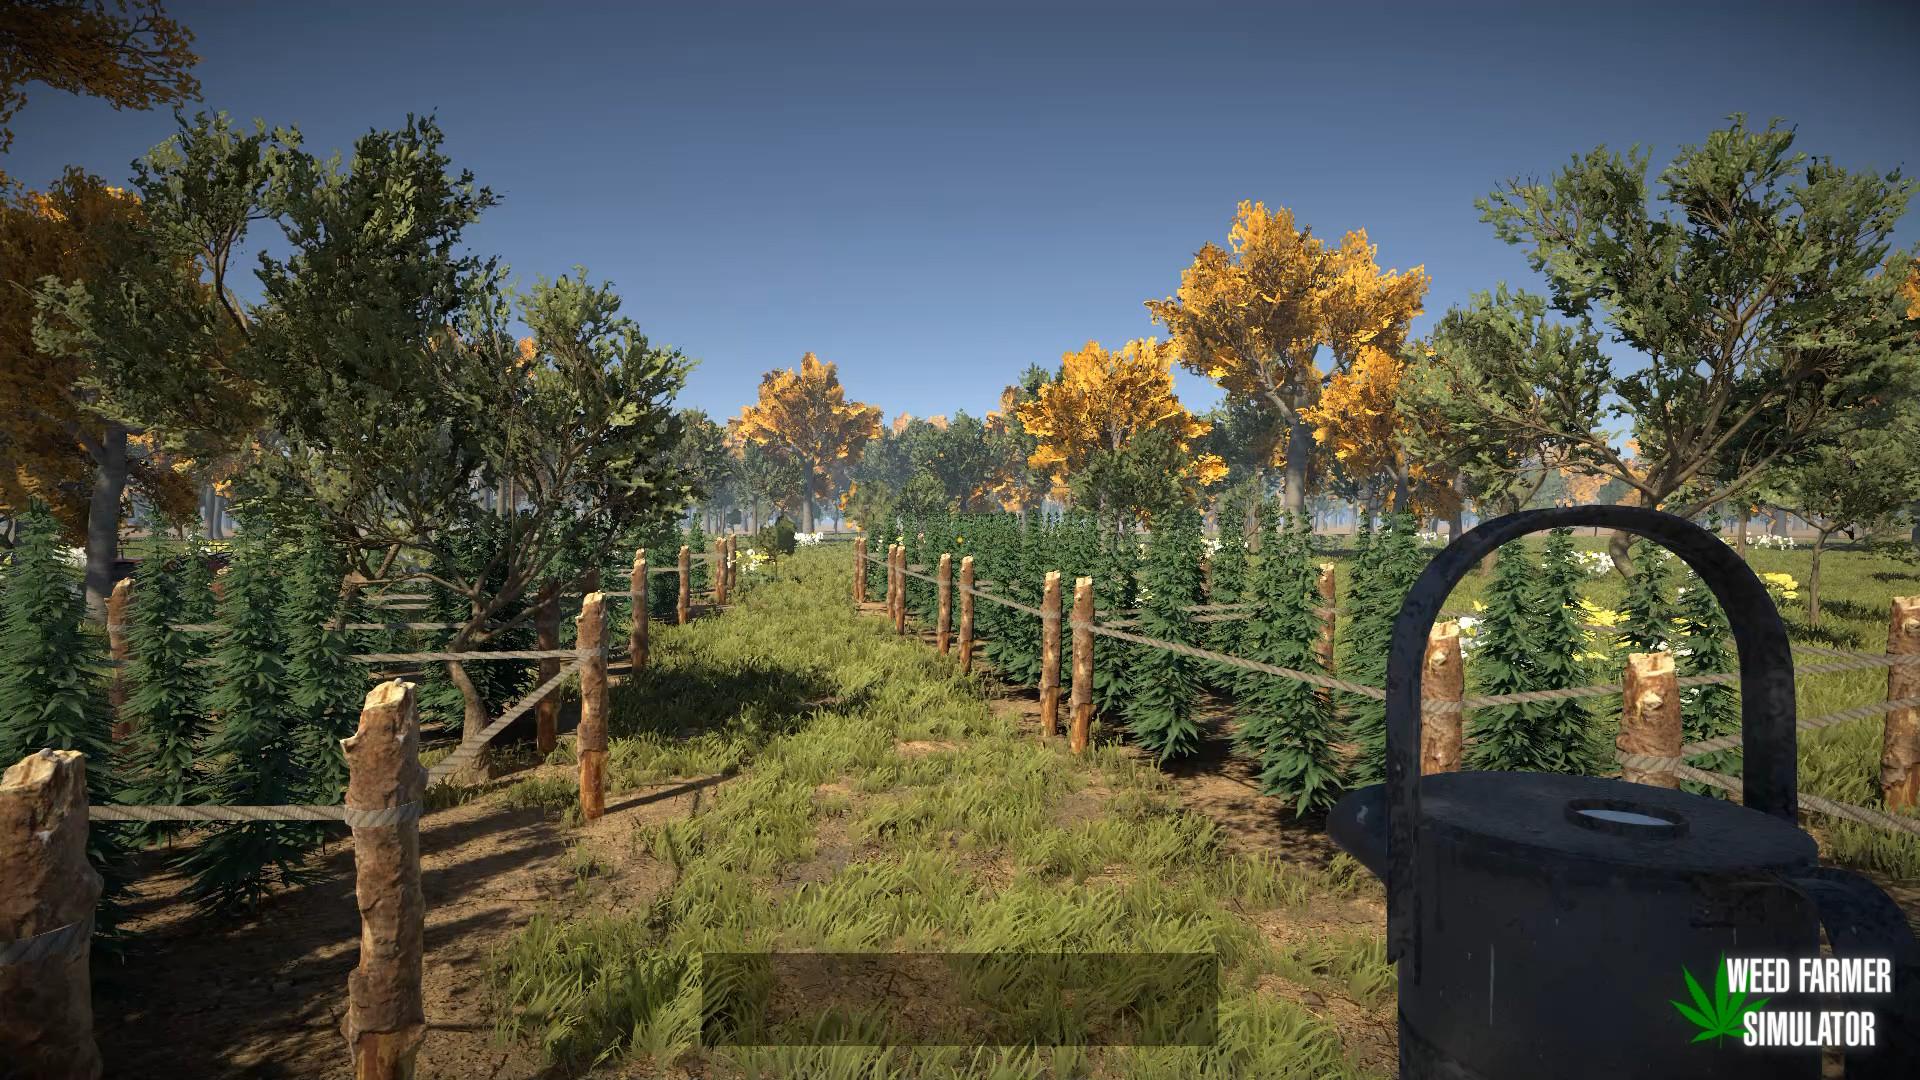 1 9 - ○○農家シミュレーター『Weed Farmer Simulator』が爆誕! おまえらのノウハウを発揮しろー